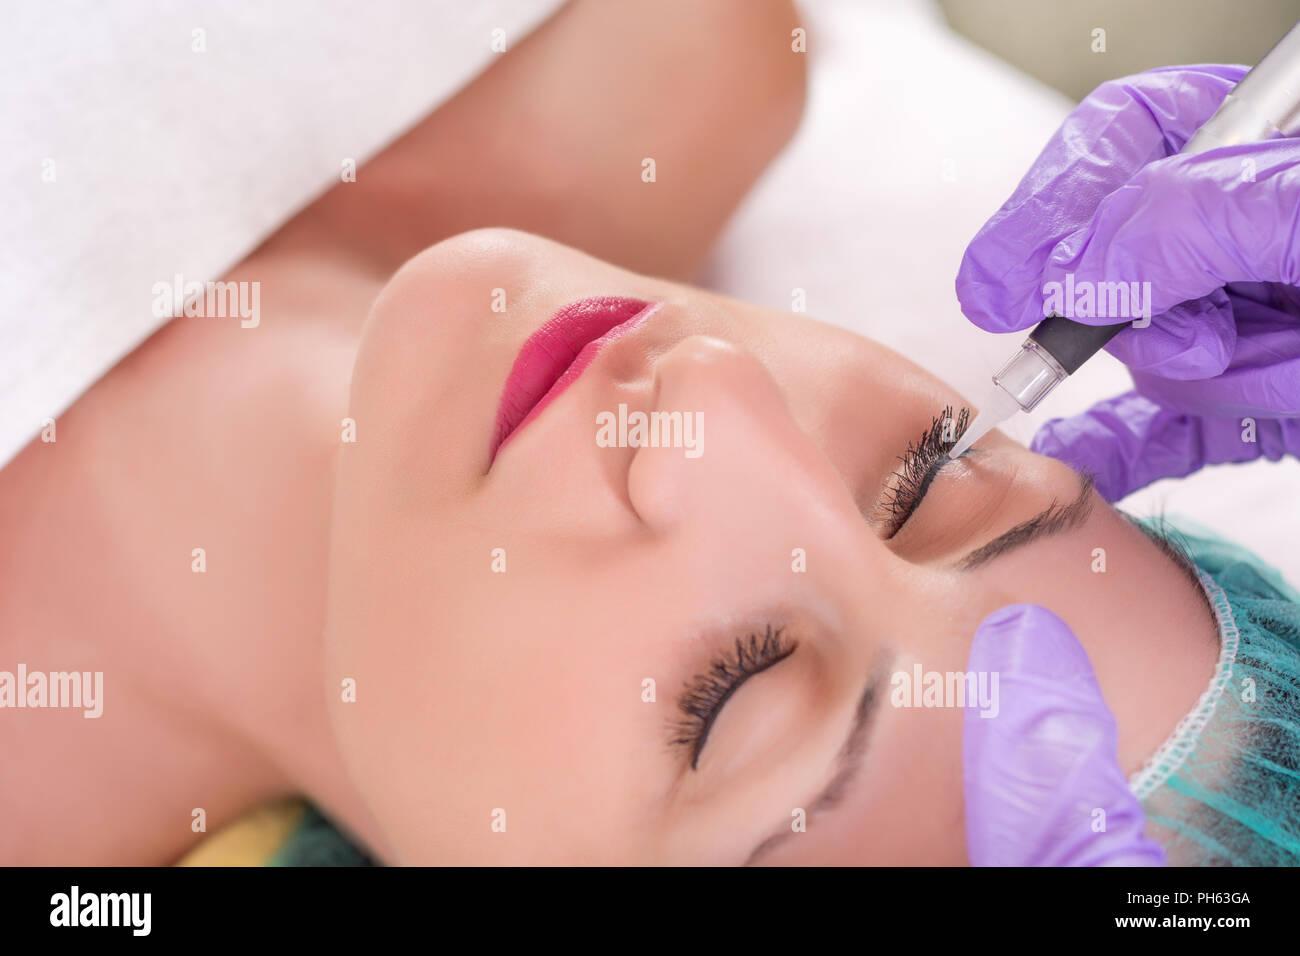 Kosmetiker Anwendung von Permanent Make-up von Augen auf schönes Mädchen in Beauty Studio. Eyeliner Tattoo mit professionellem Werkzeug Stockbild